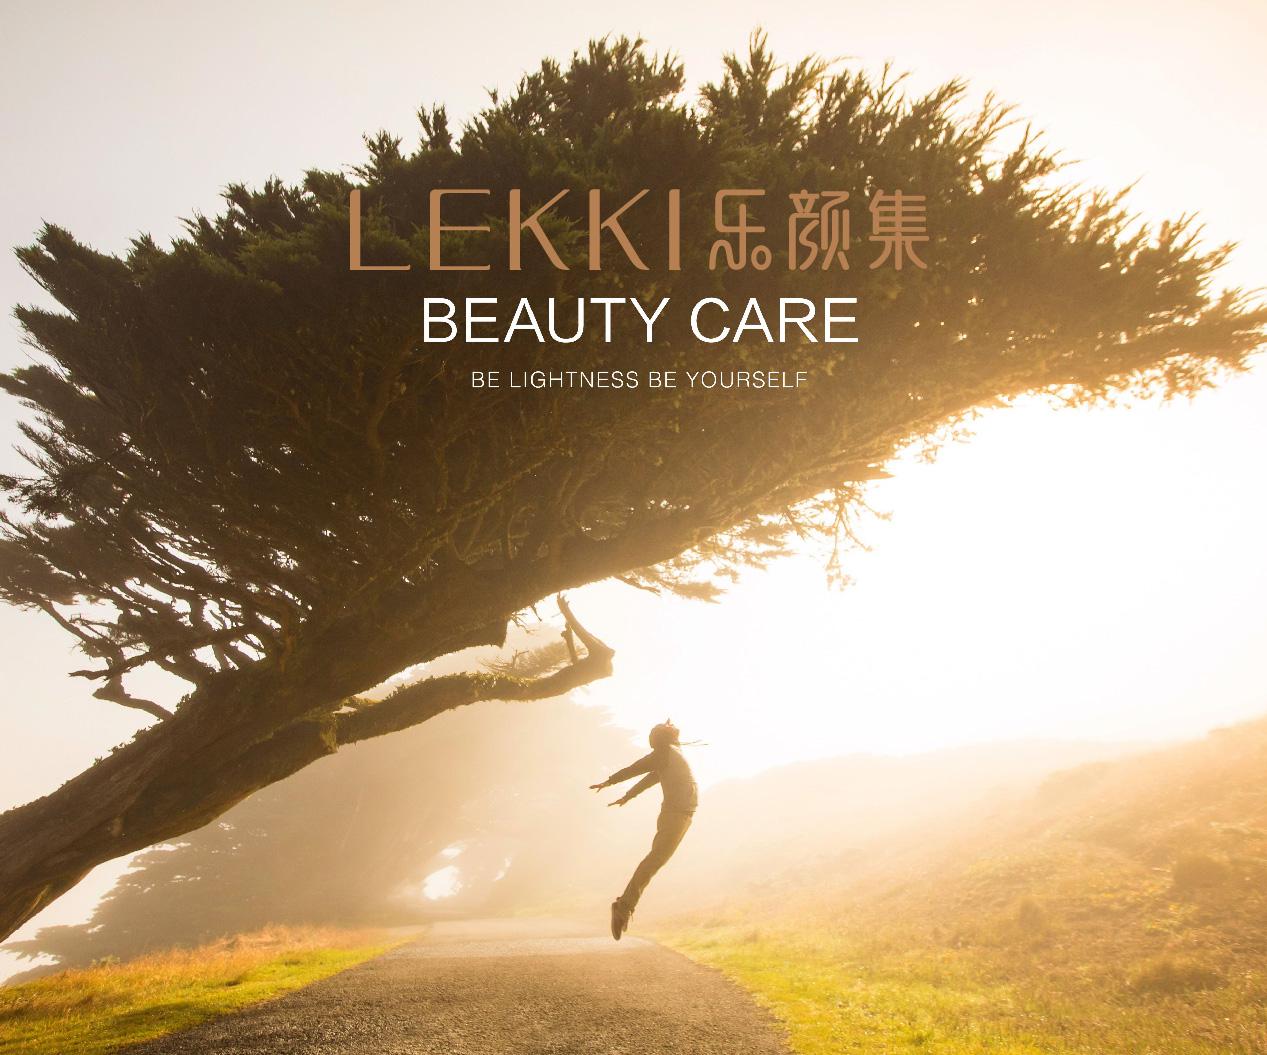 LEKKI乐颜集品牌全案策划设计